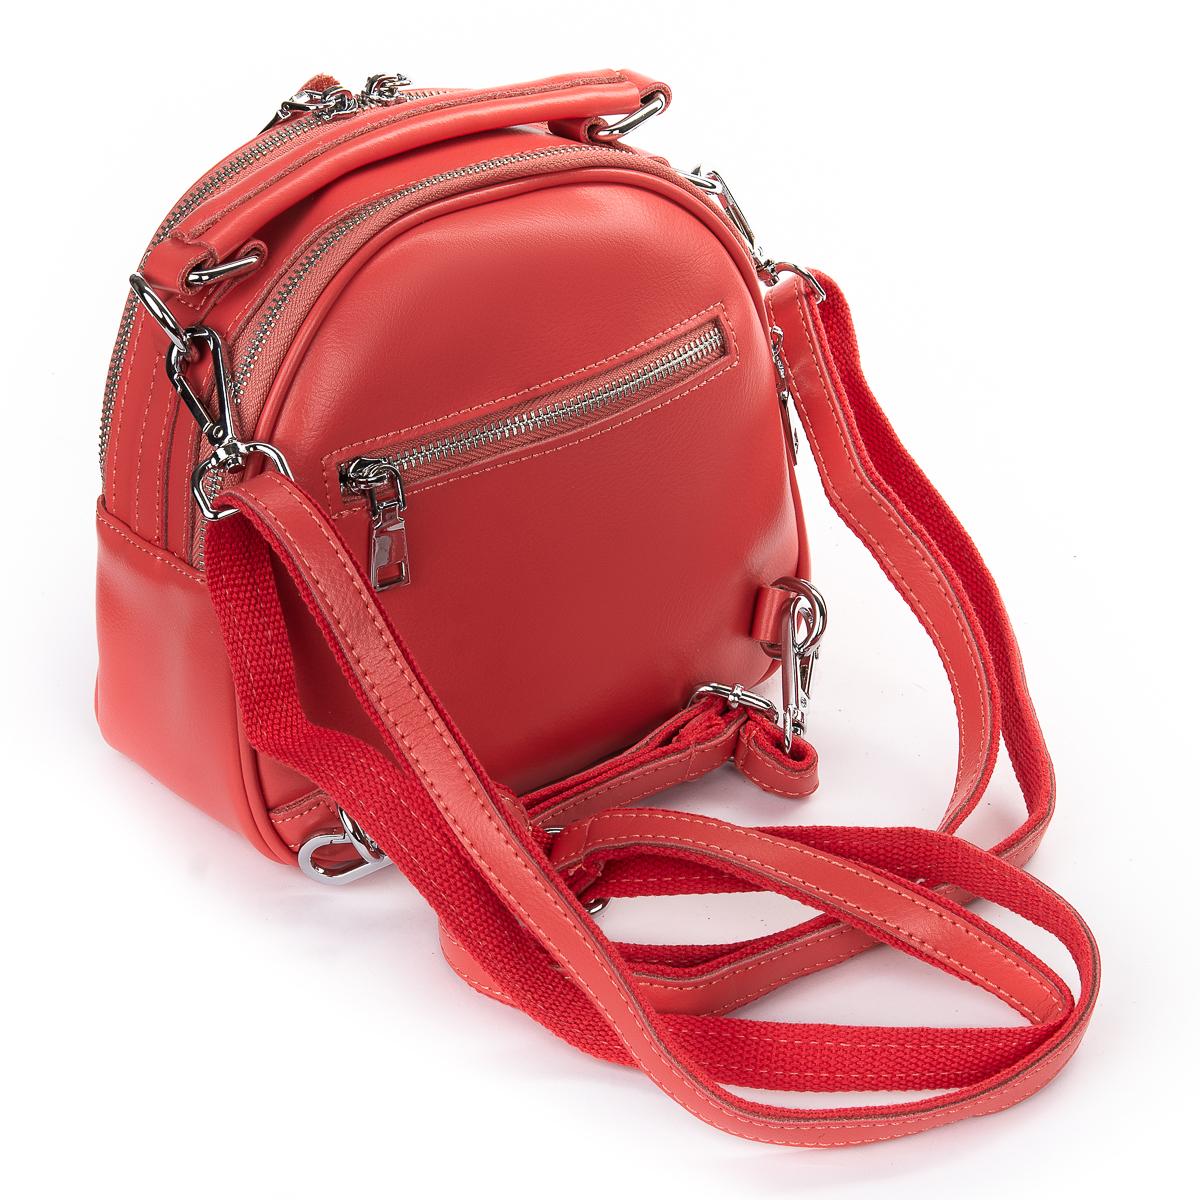 Сумка Женская Клатч кожа ALEX RAI 06-1 339 light-red - фото 4